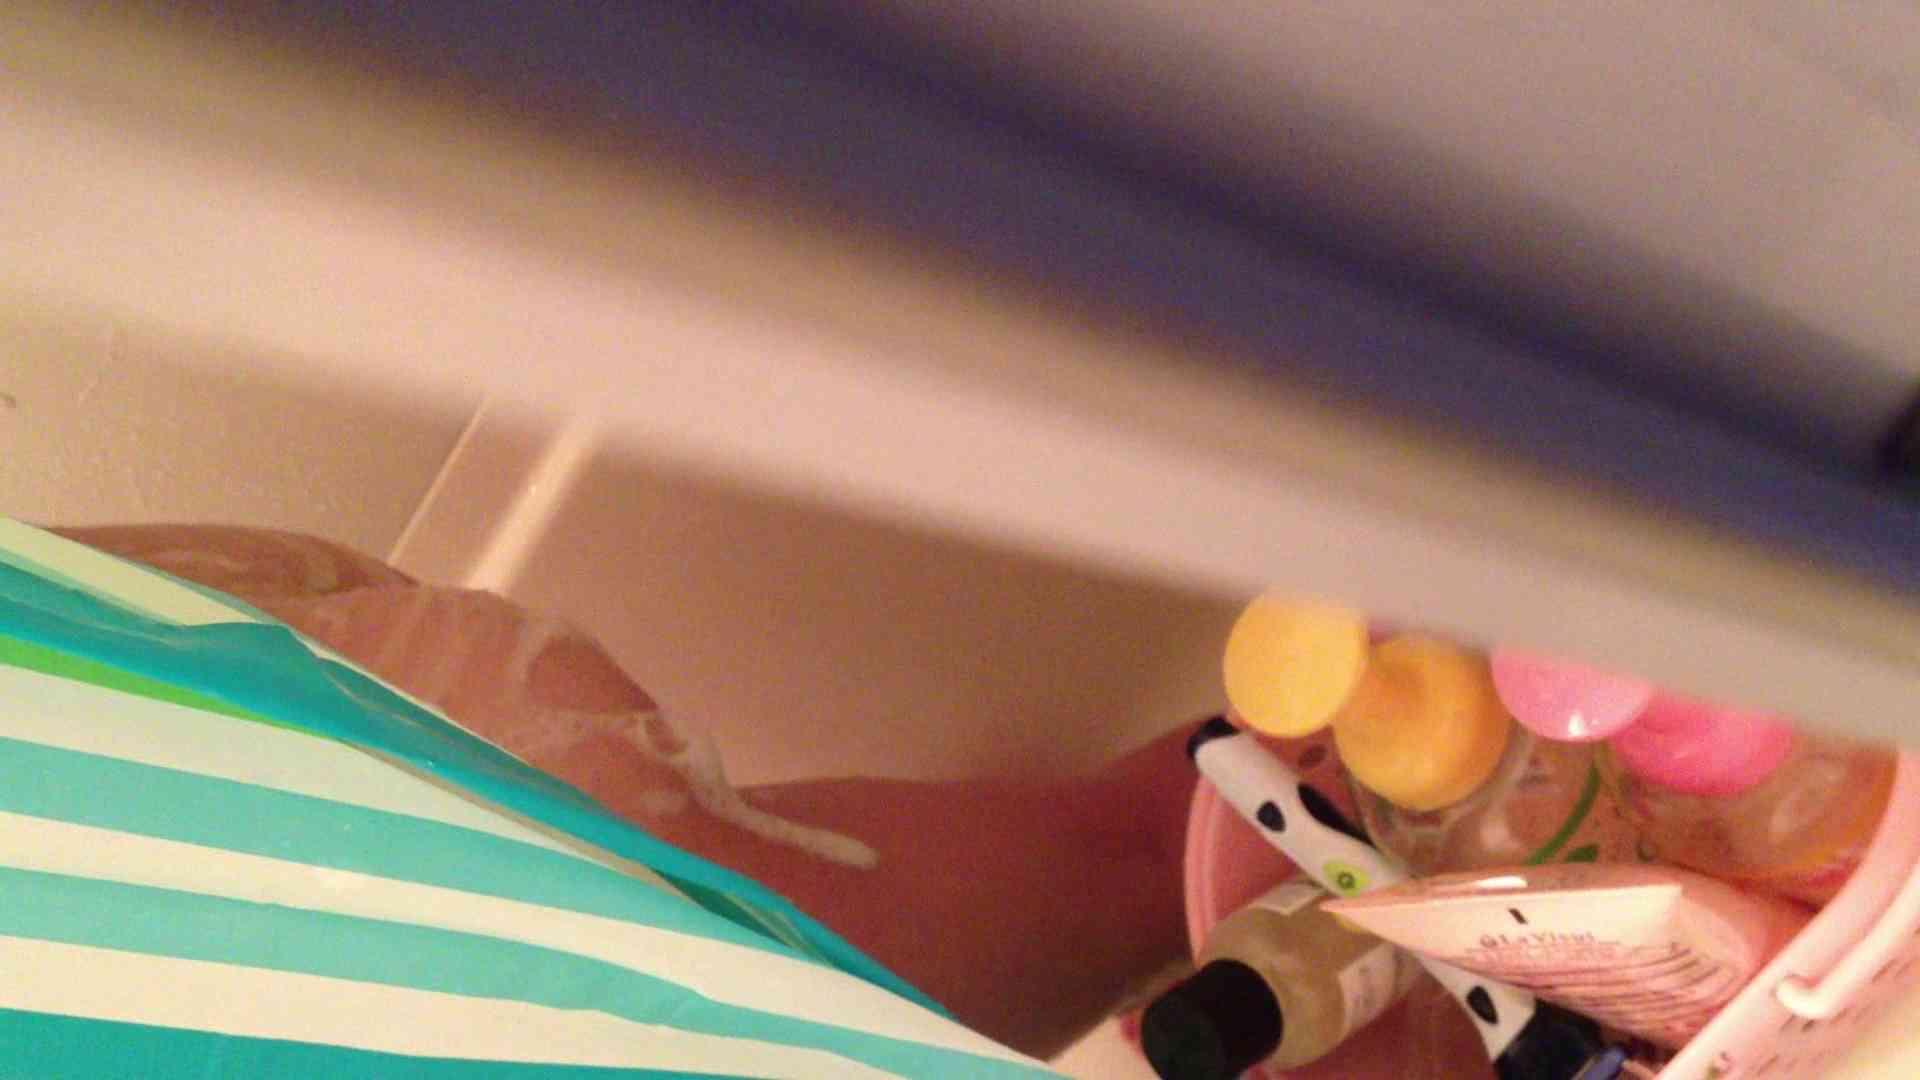 16(16日目)シャワー中にムダ毛処理をする彼女 パイパン  54枚 10